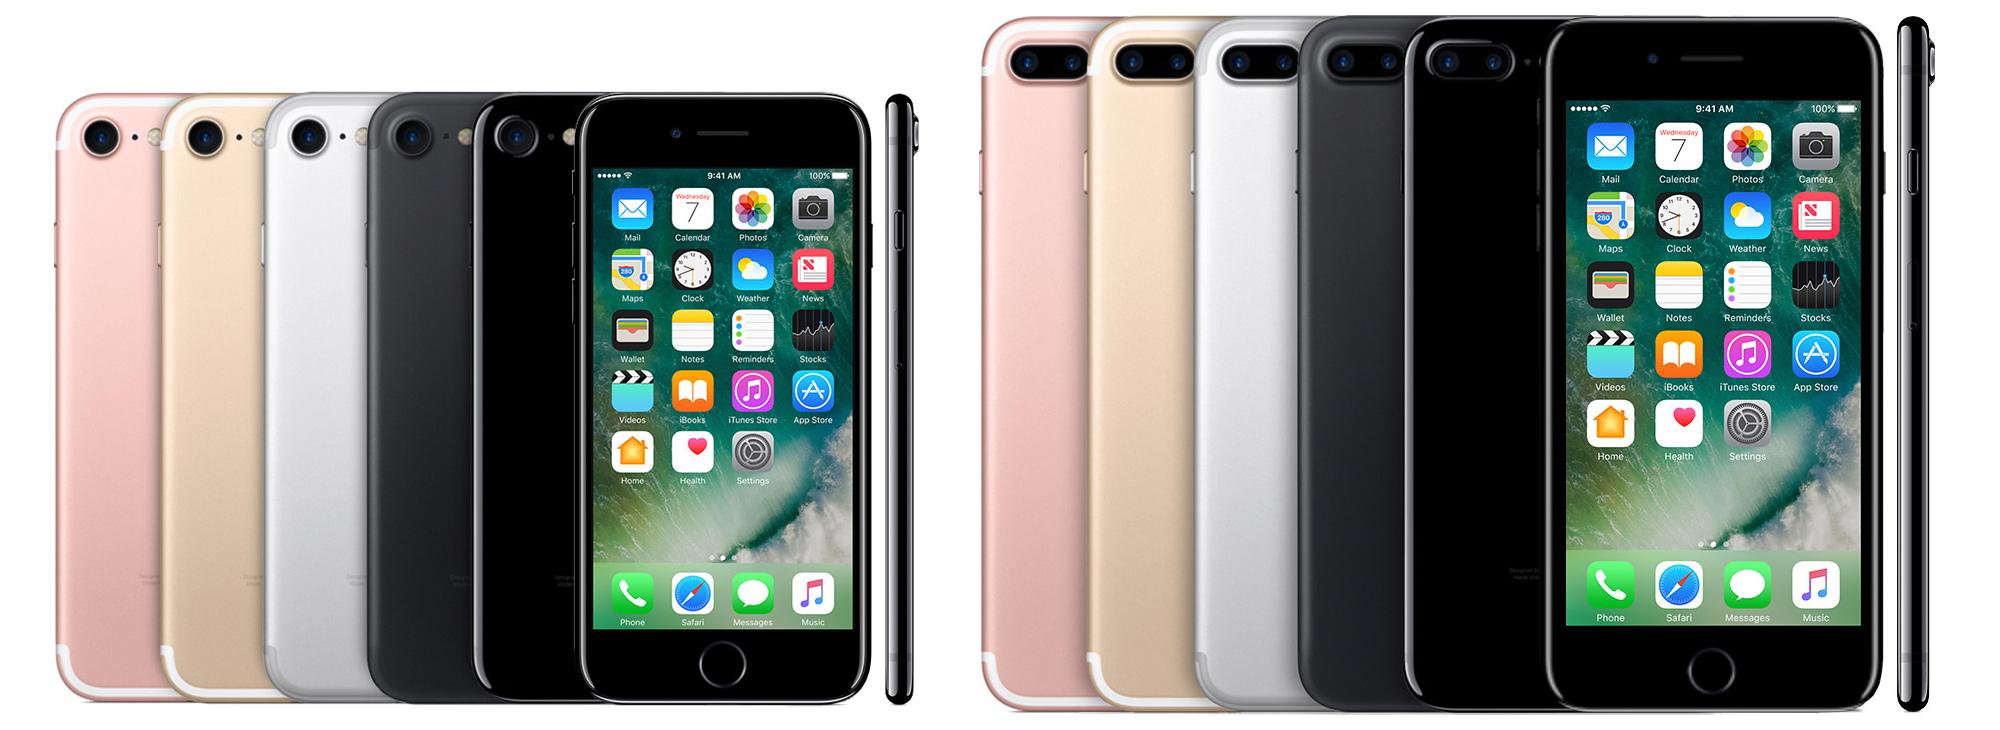 iphone7-iphone7plus